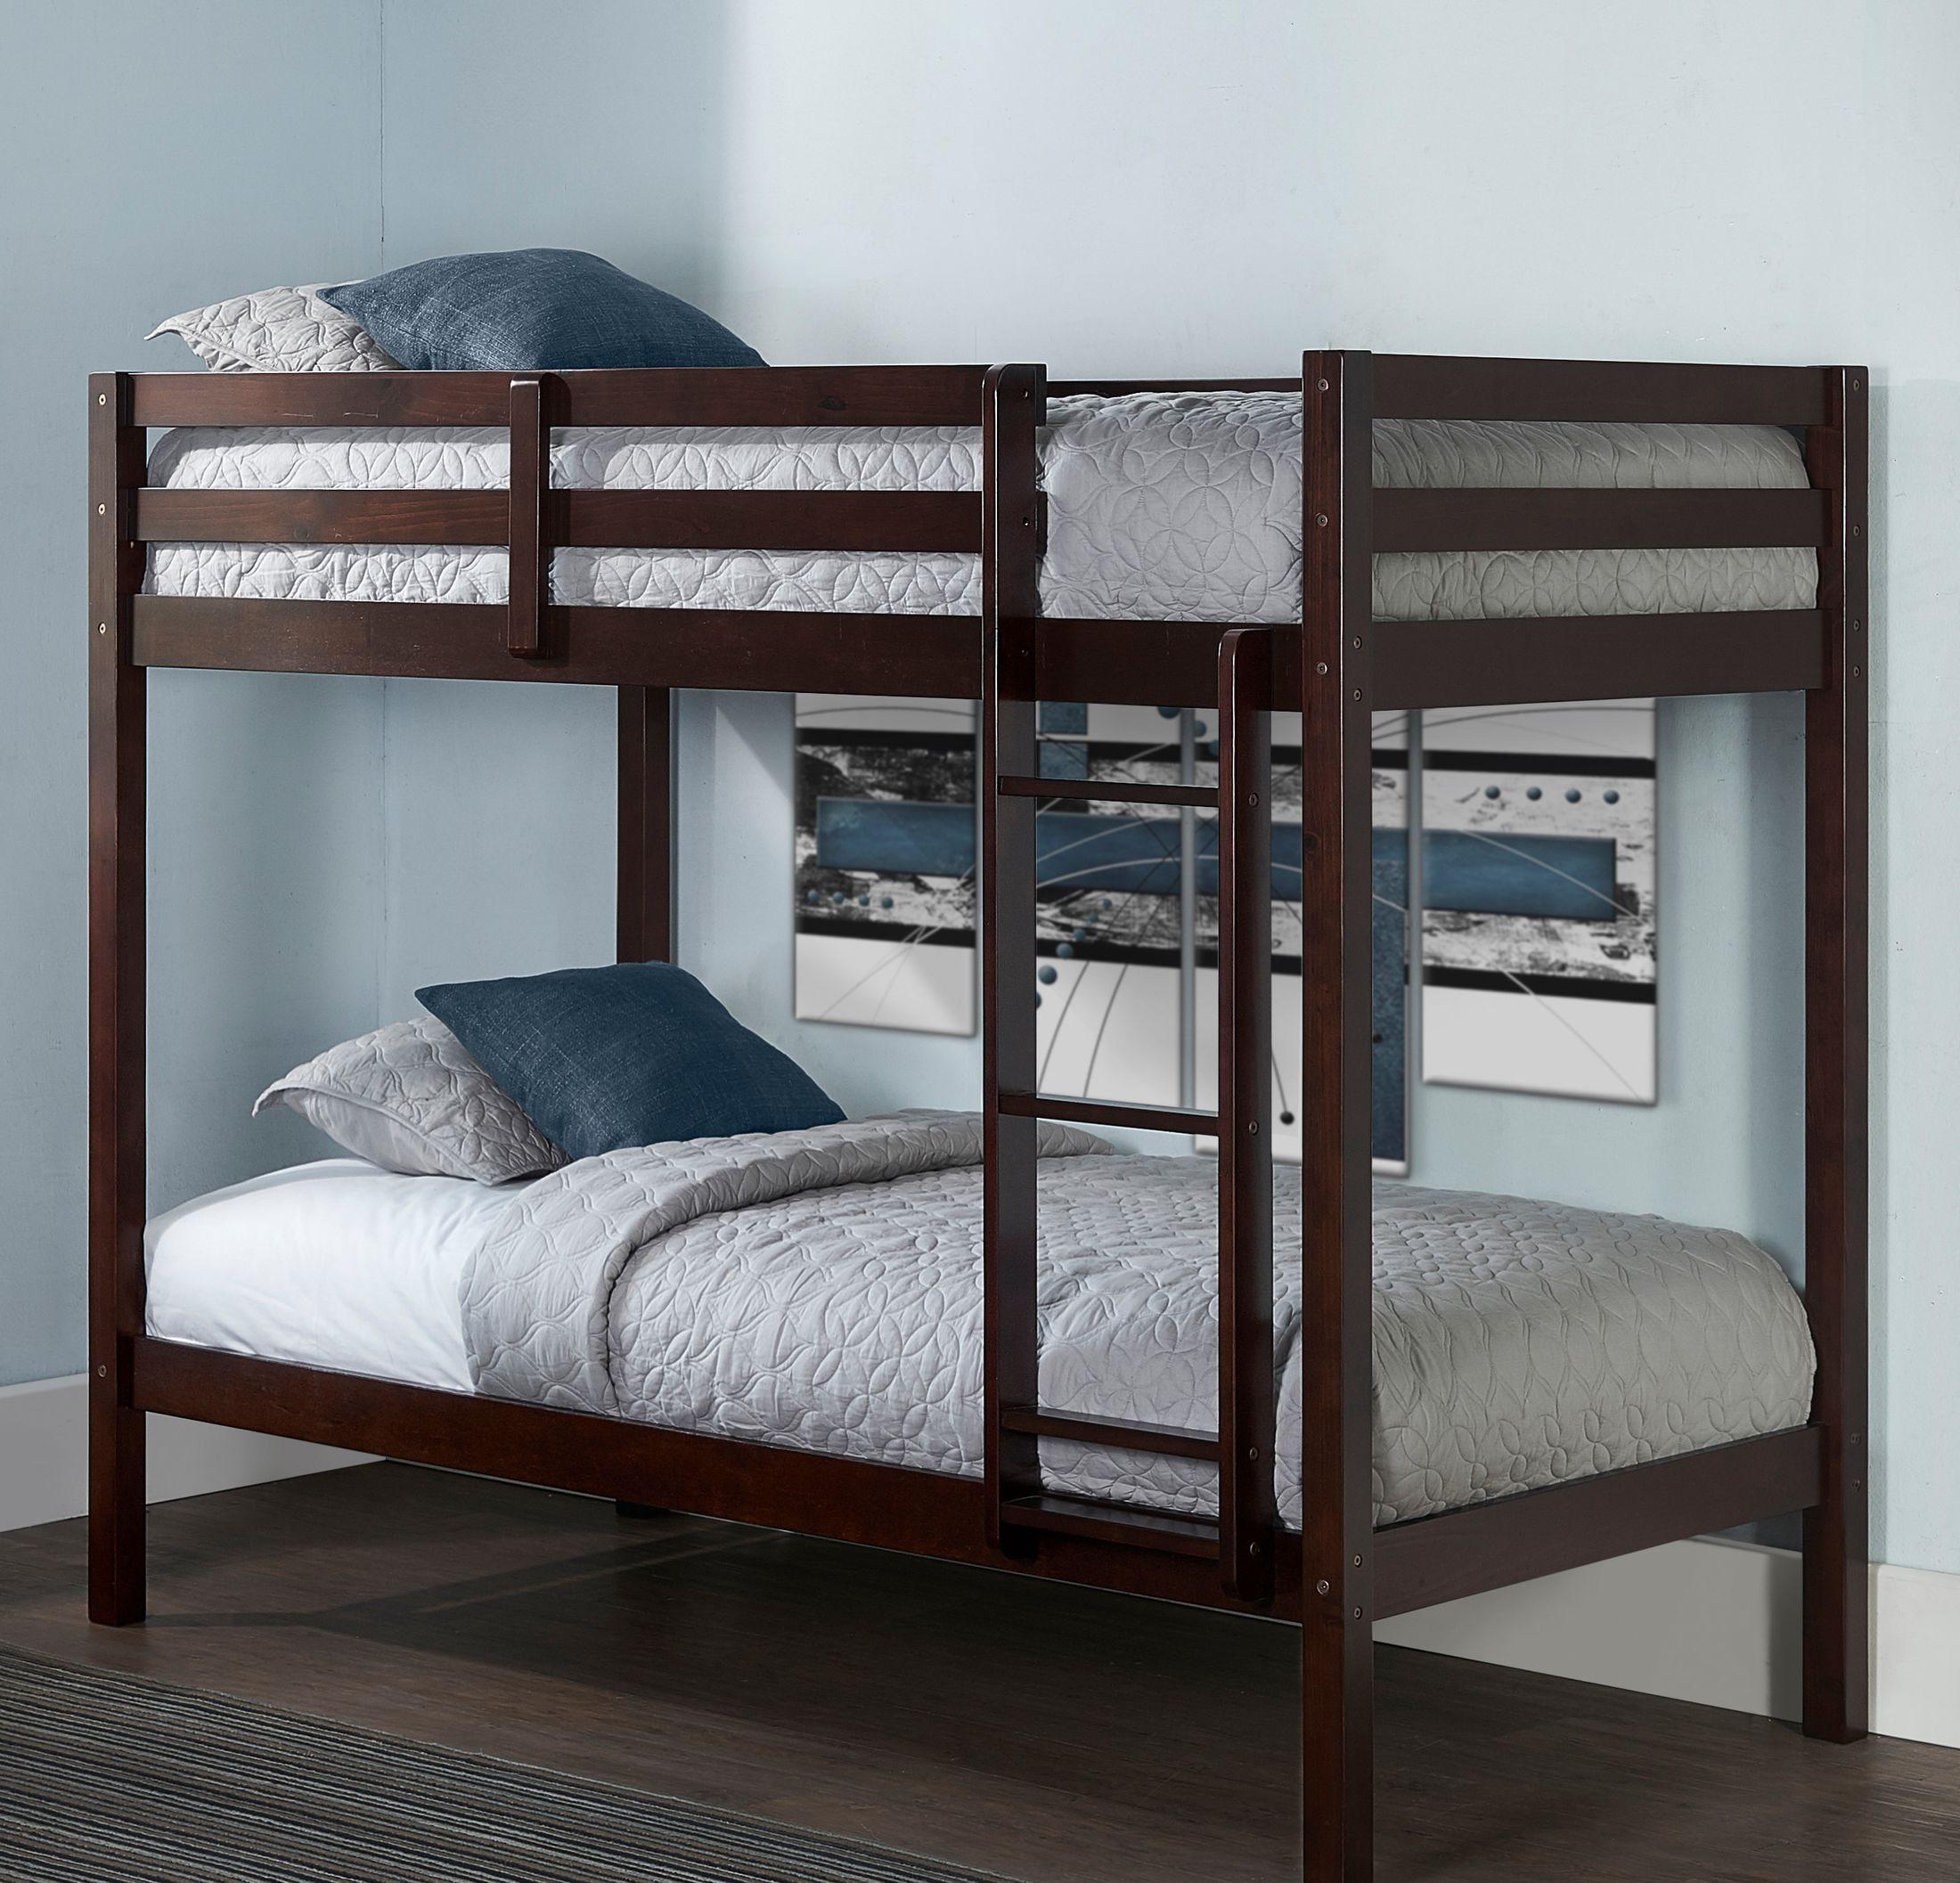 Hudson Bunk Bed Value City Furniture